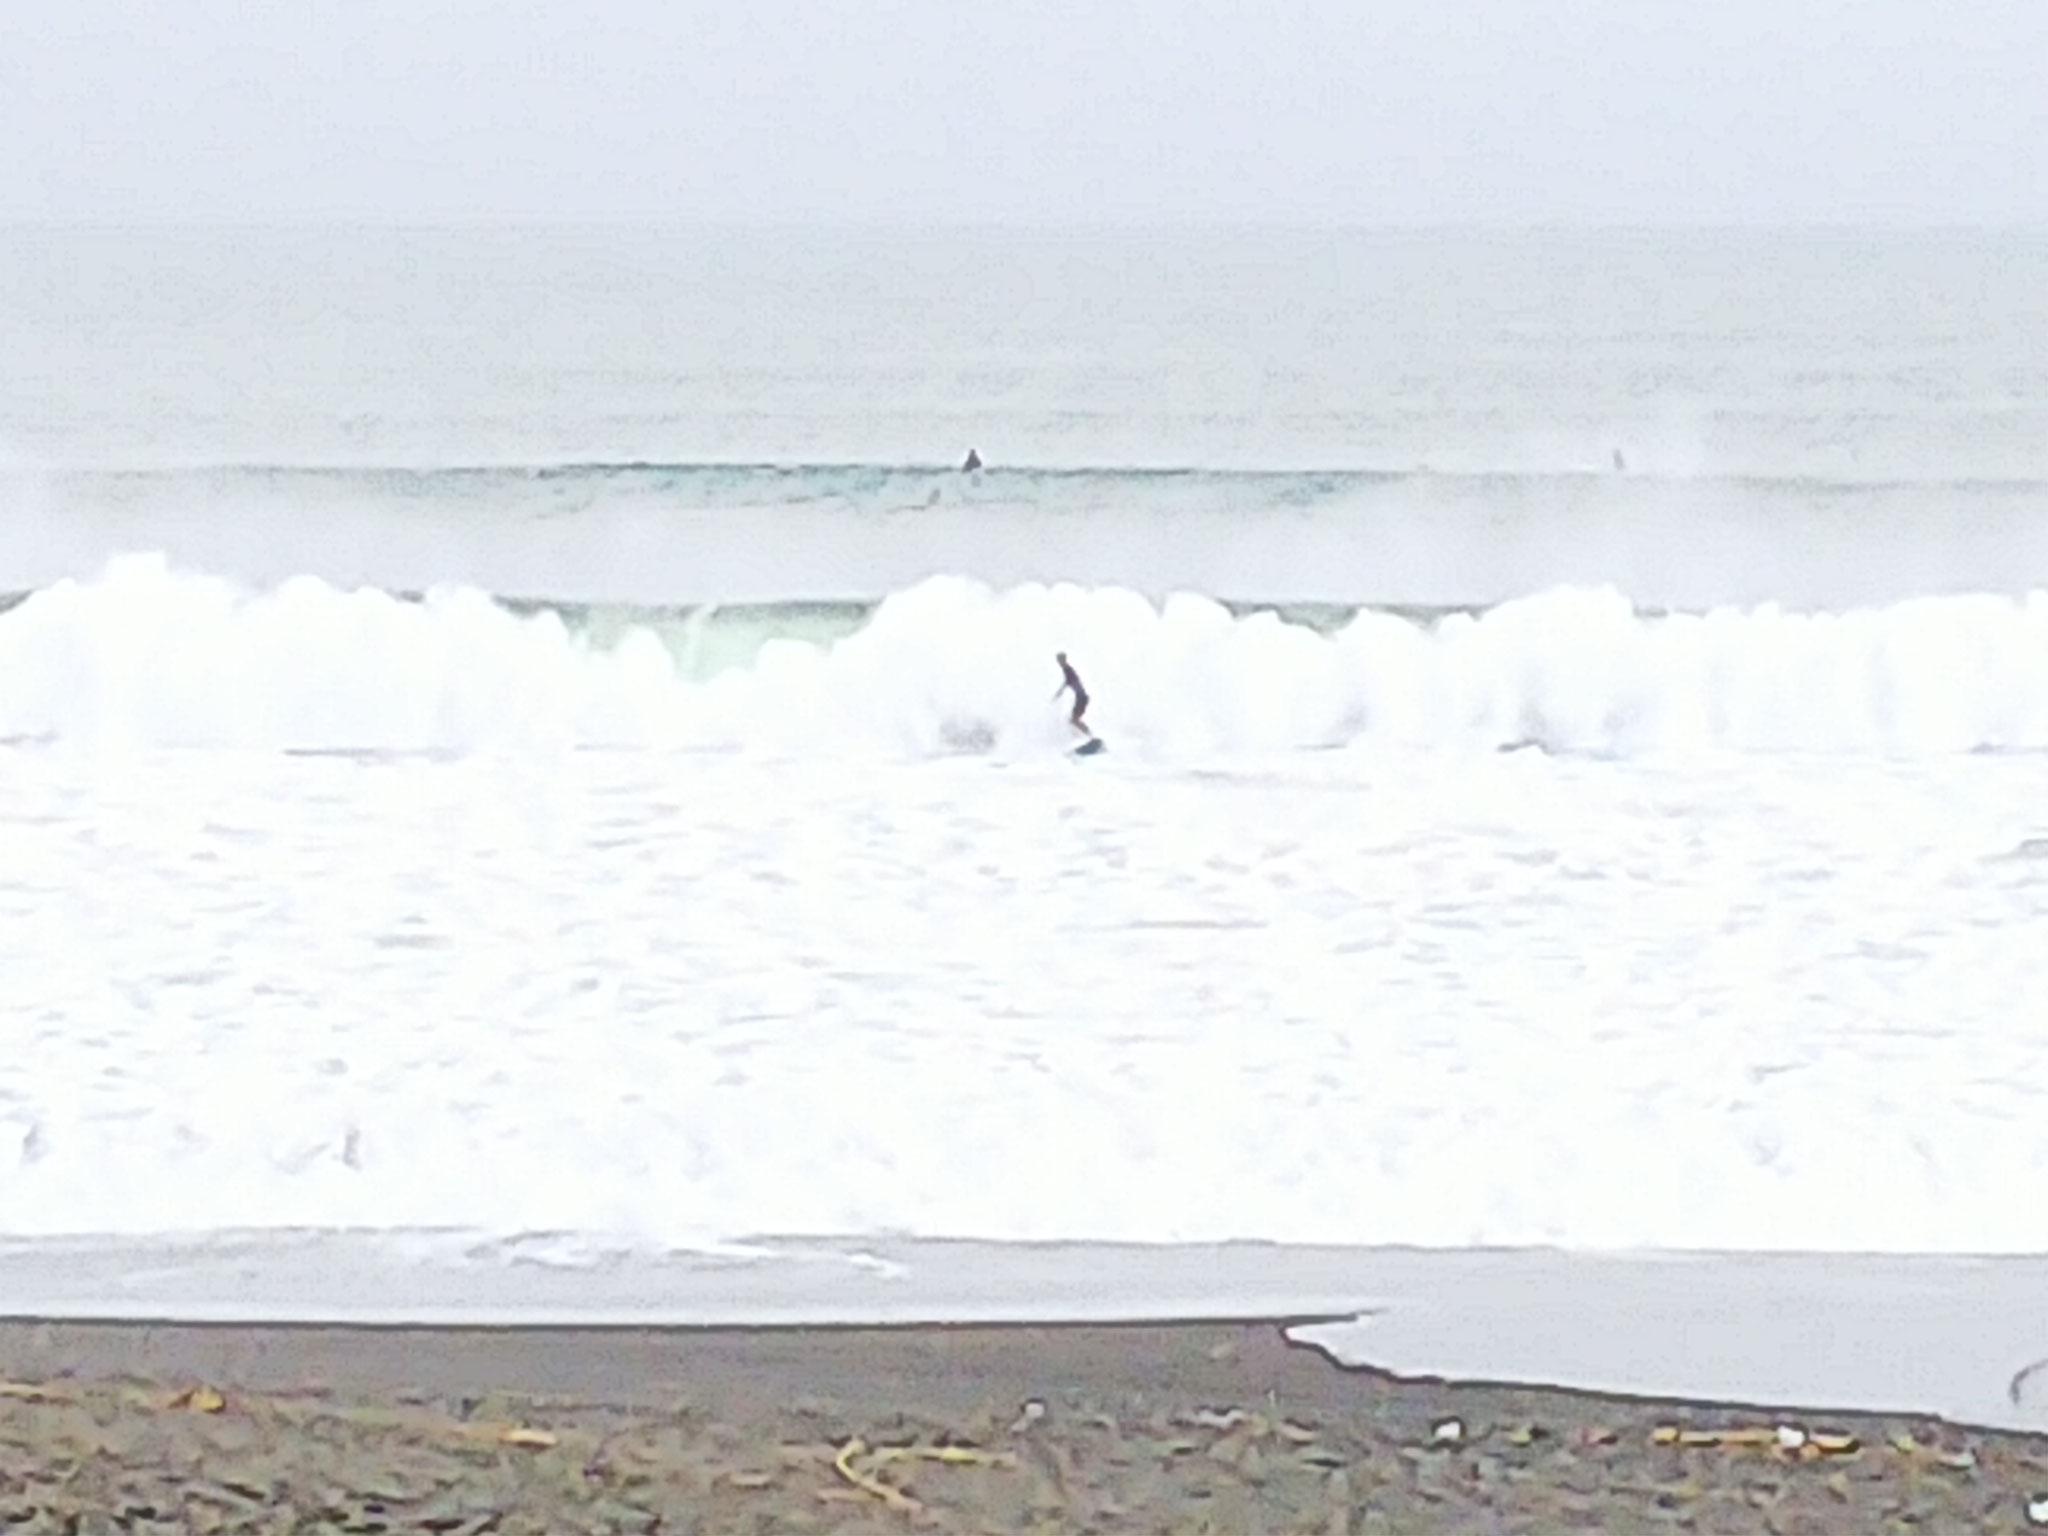 台風の余波か、辻堂海岸は波が高い